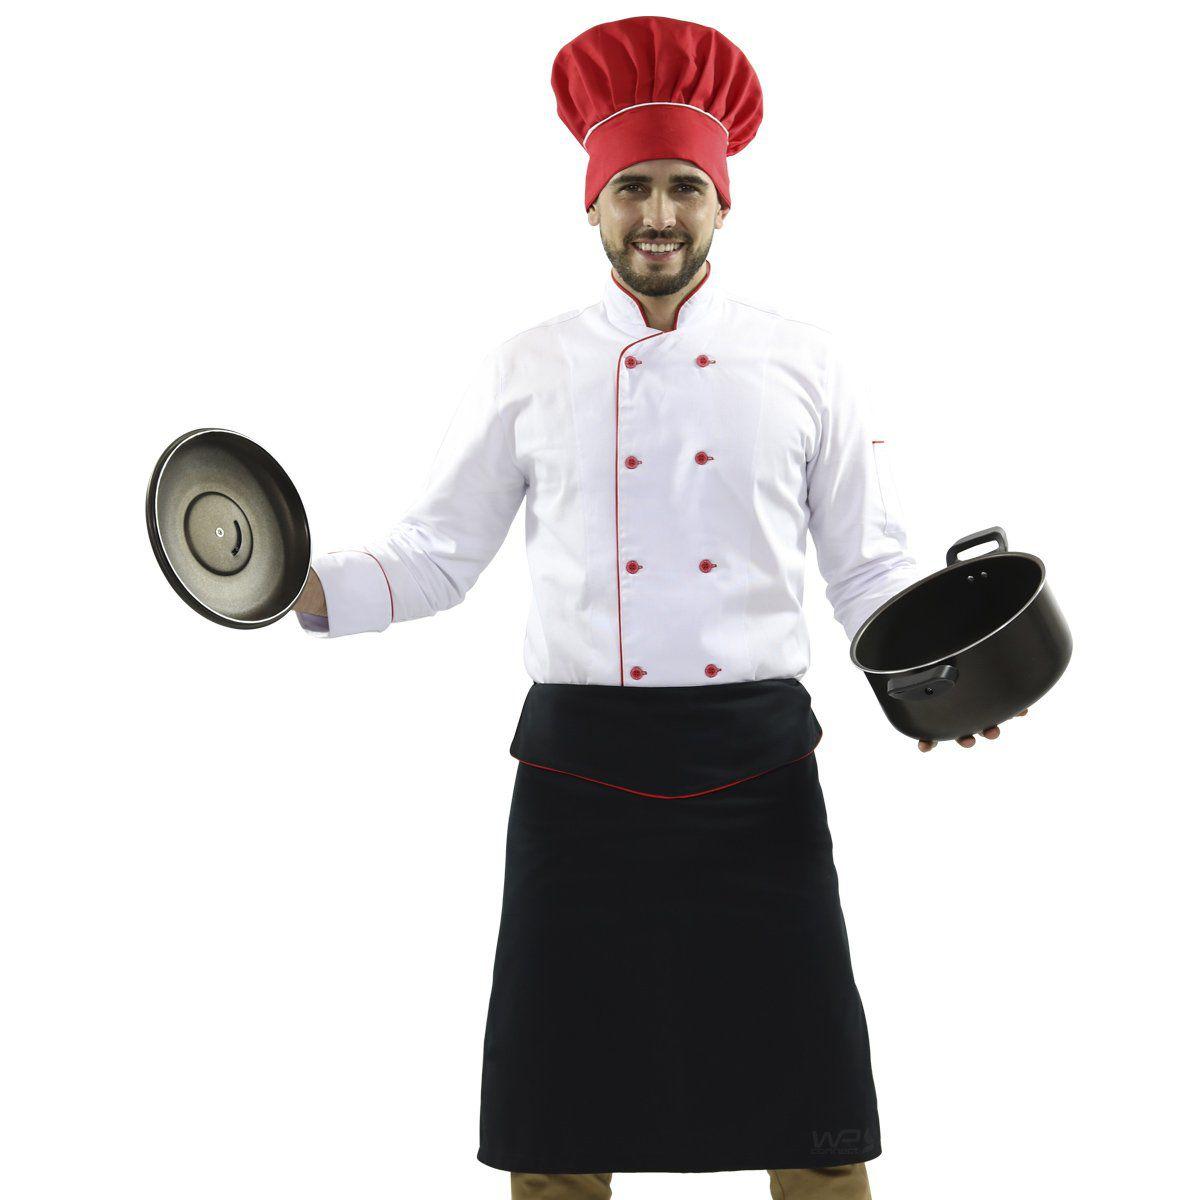 Avental Chef de cozinha Tipo Saia - Preto/ Vermelho